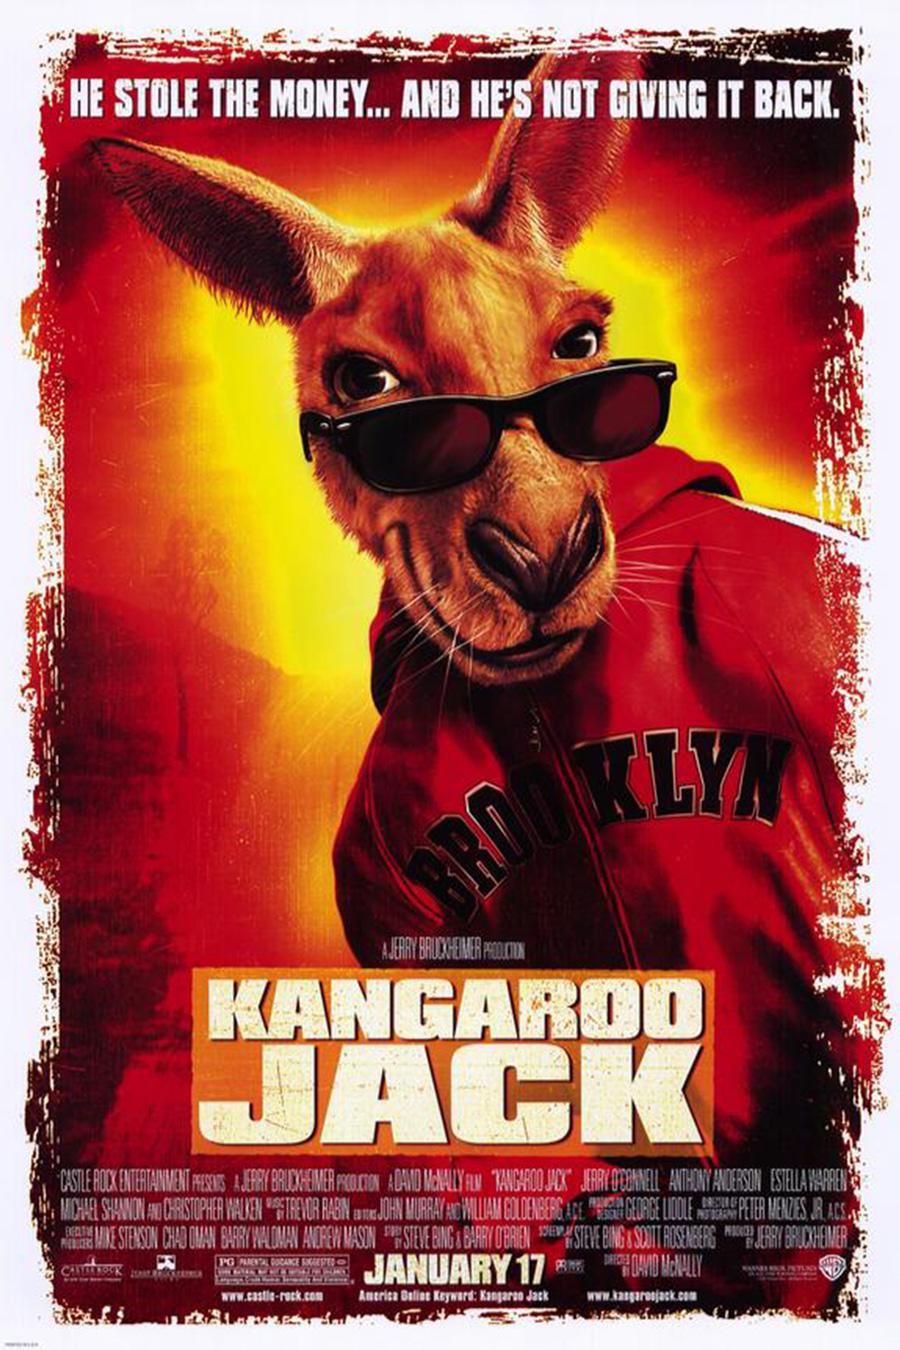 Kangaroo Jack - Props Master